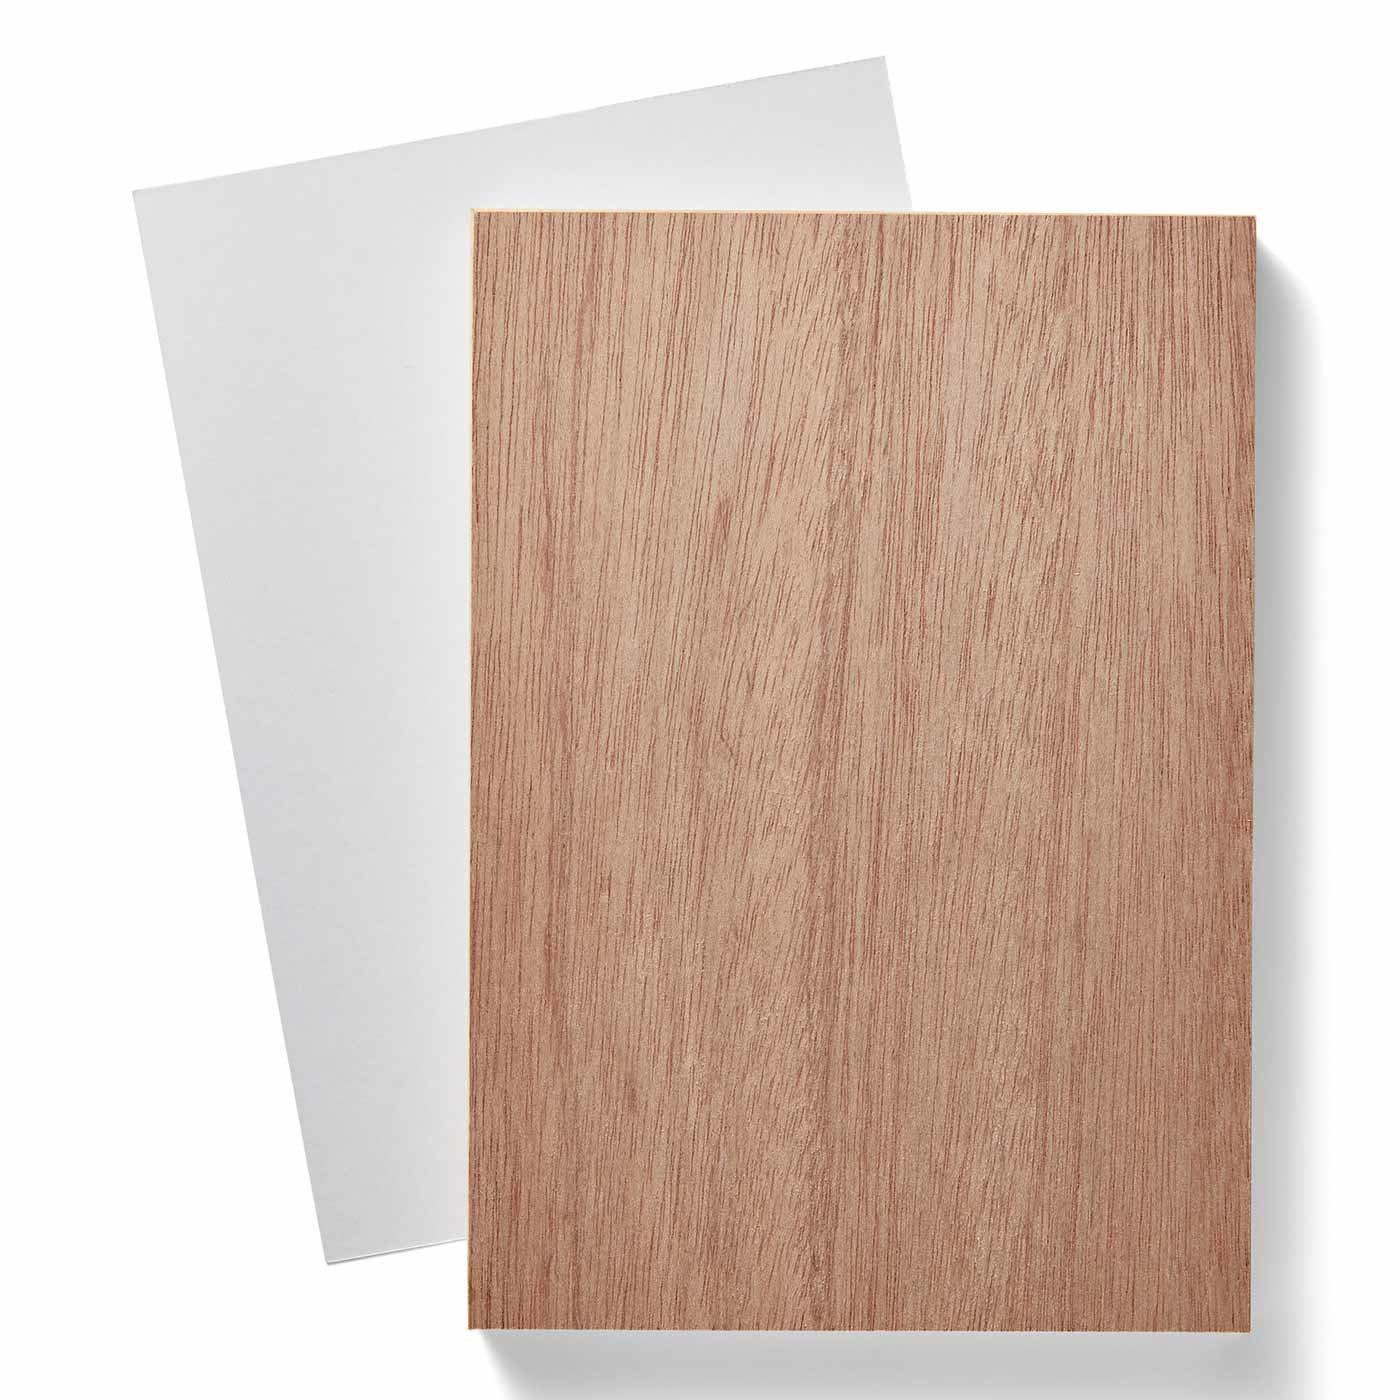 ウォールデコを楽しむファブリック用木製パネル